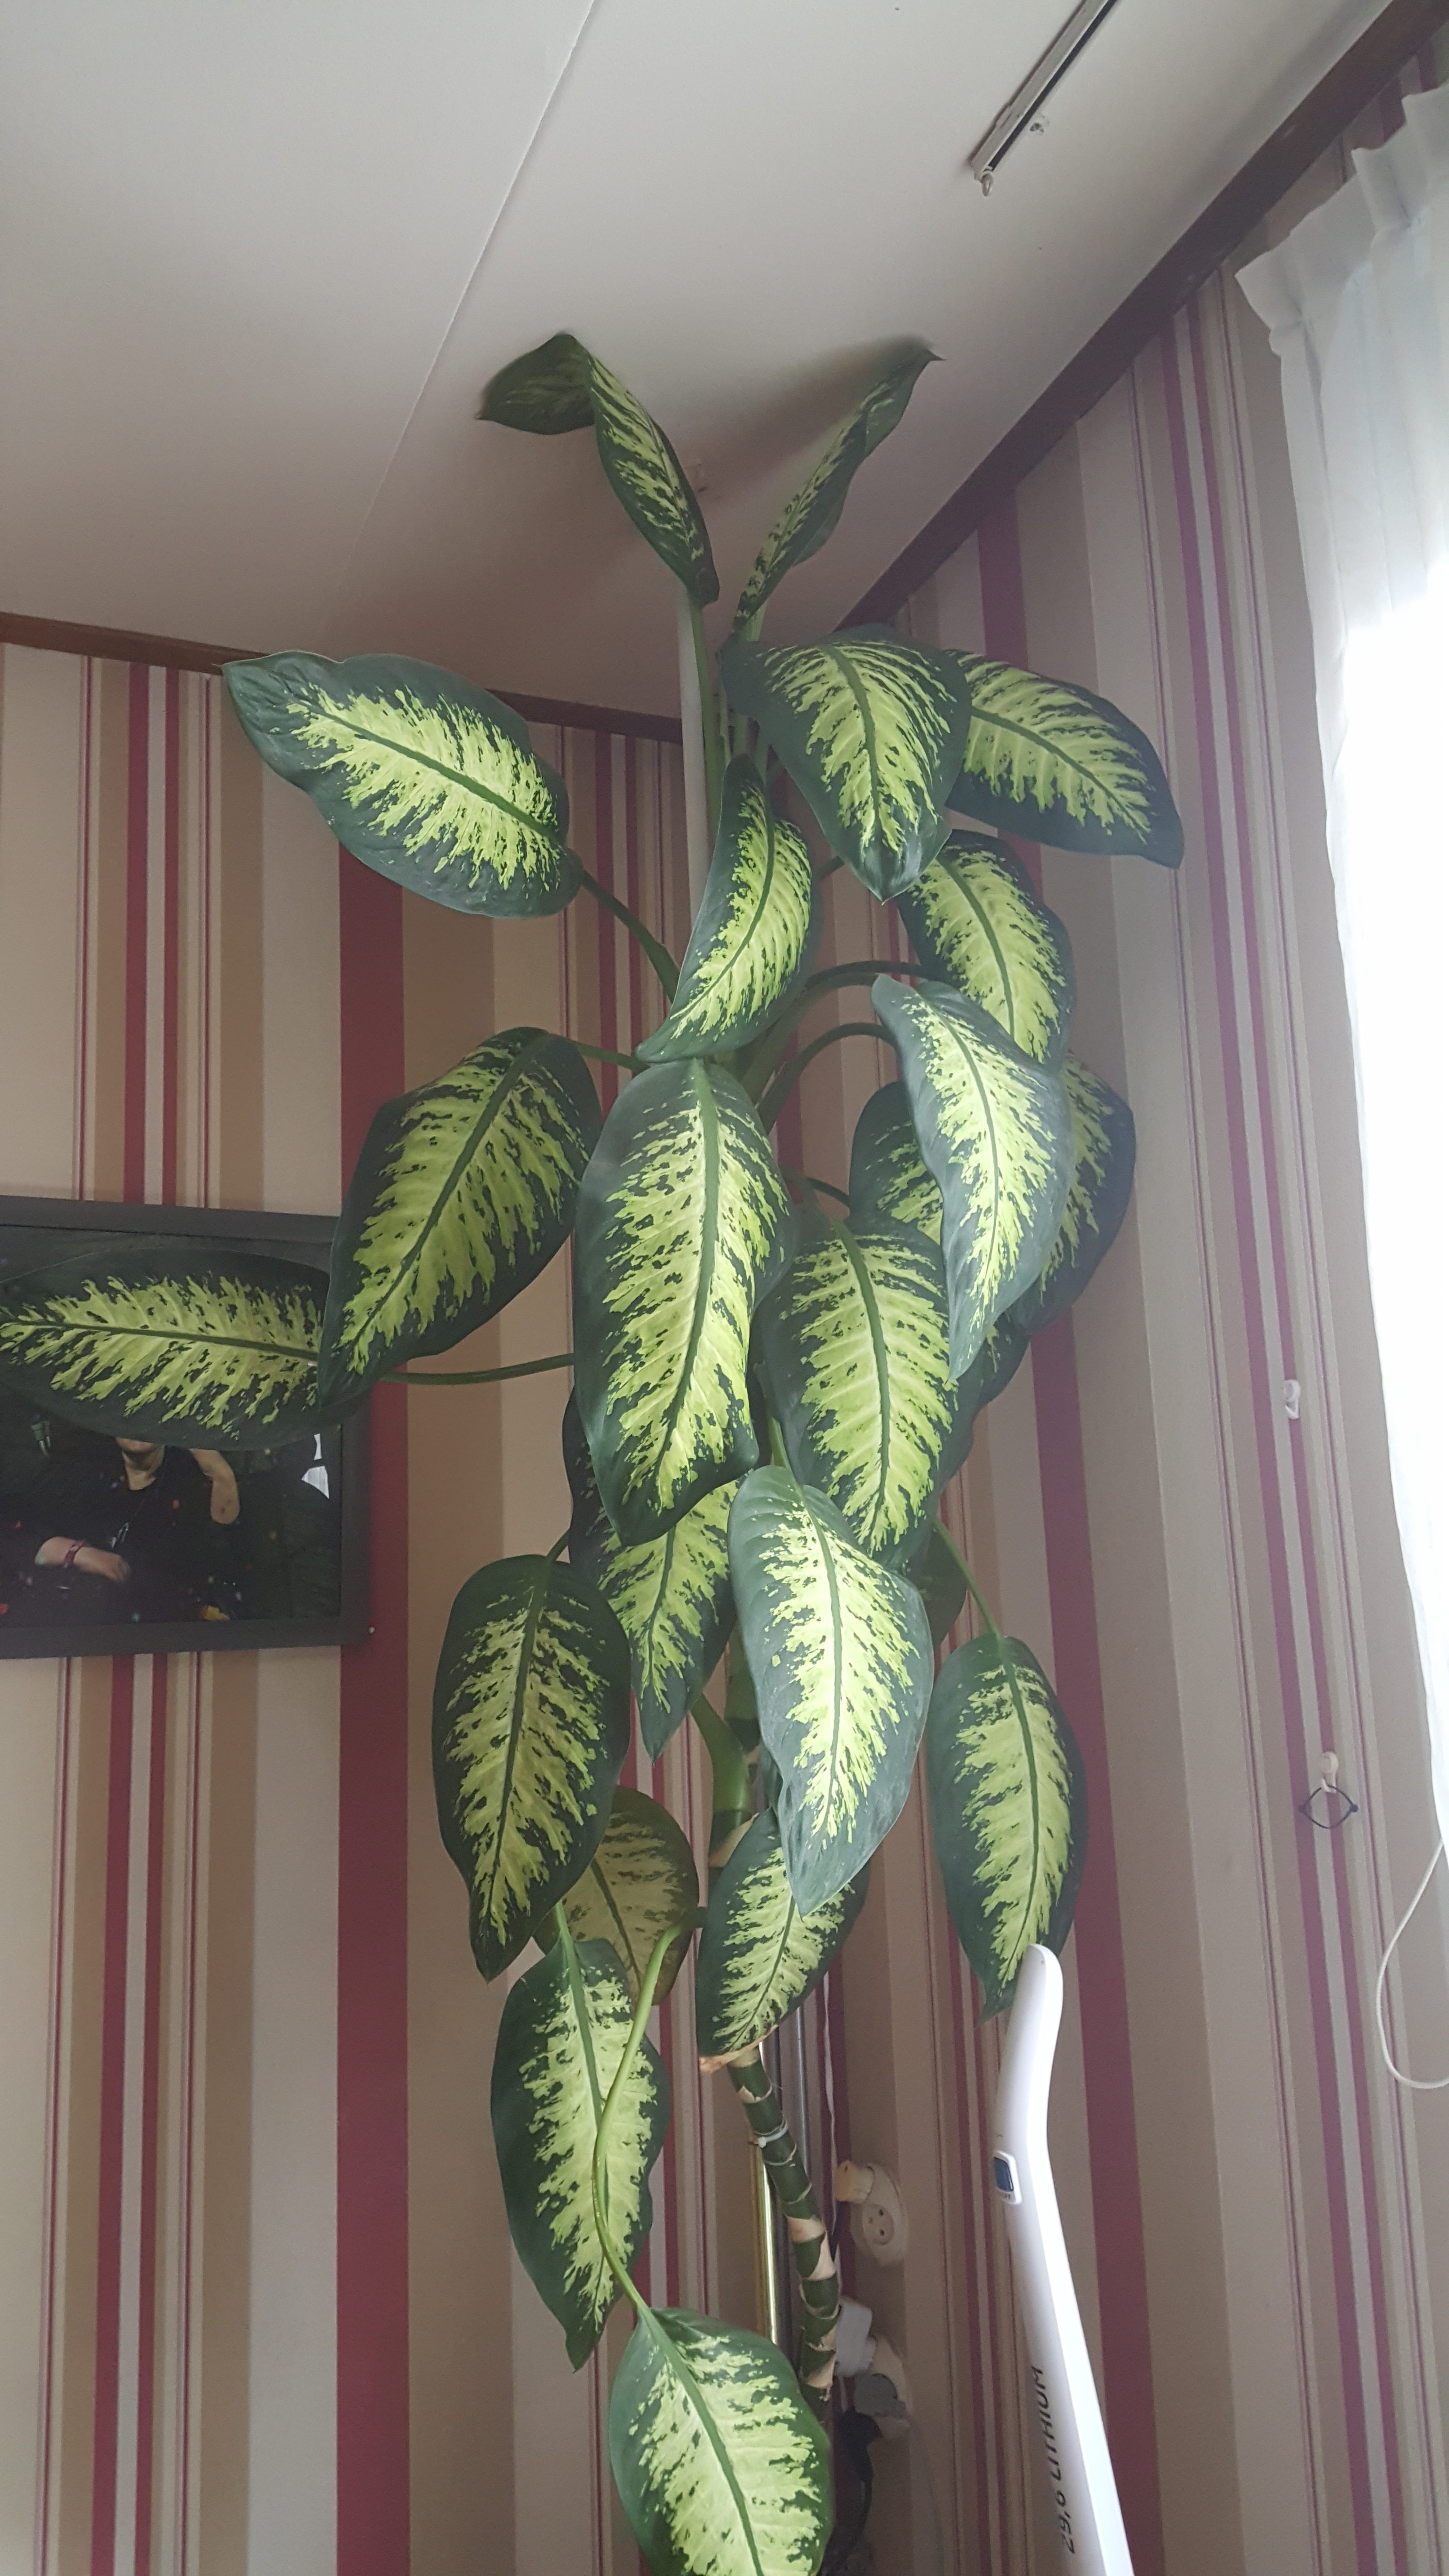 Dieffenbachia 20 jaar oud, 3 meter hoog